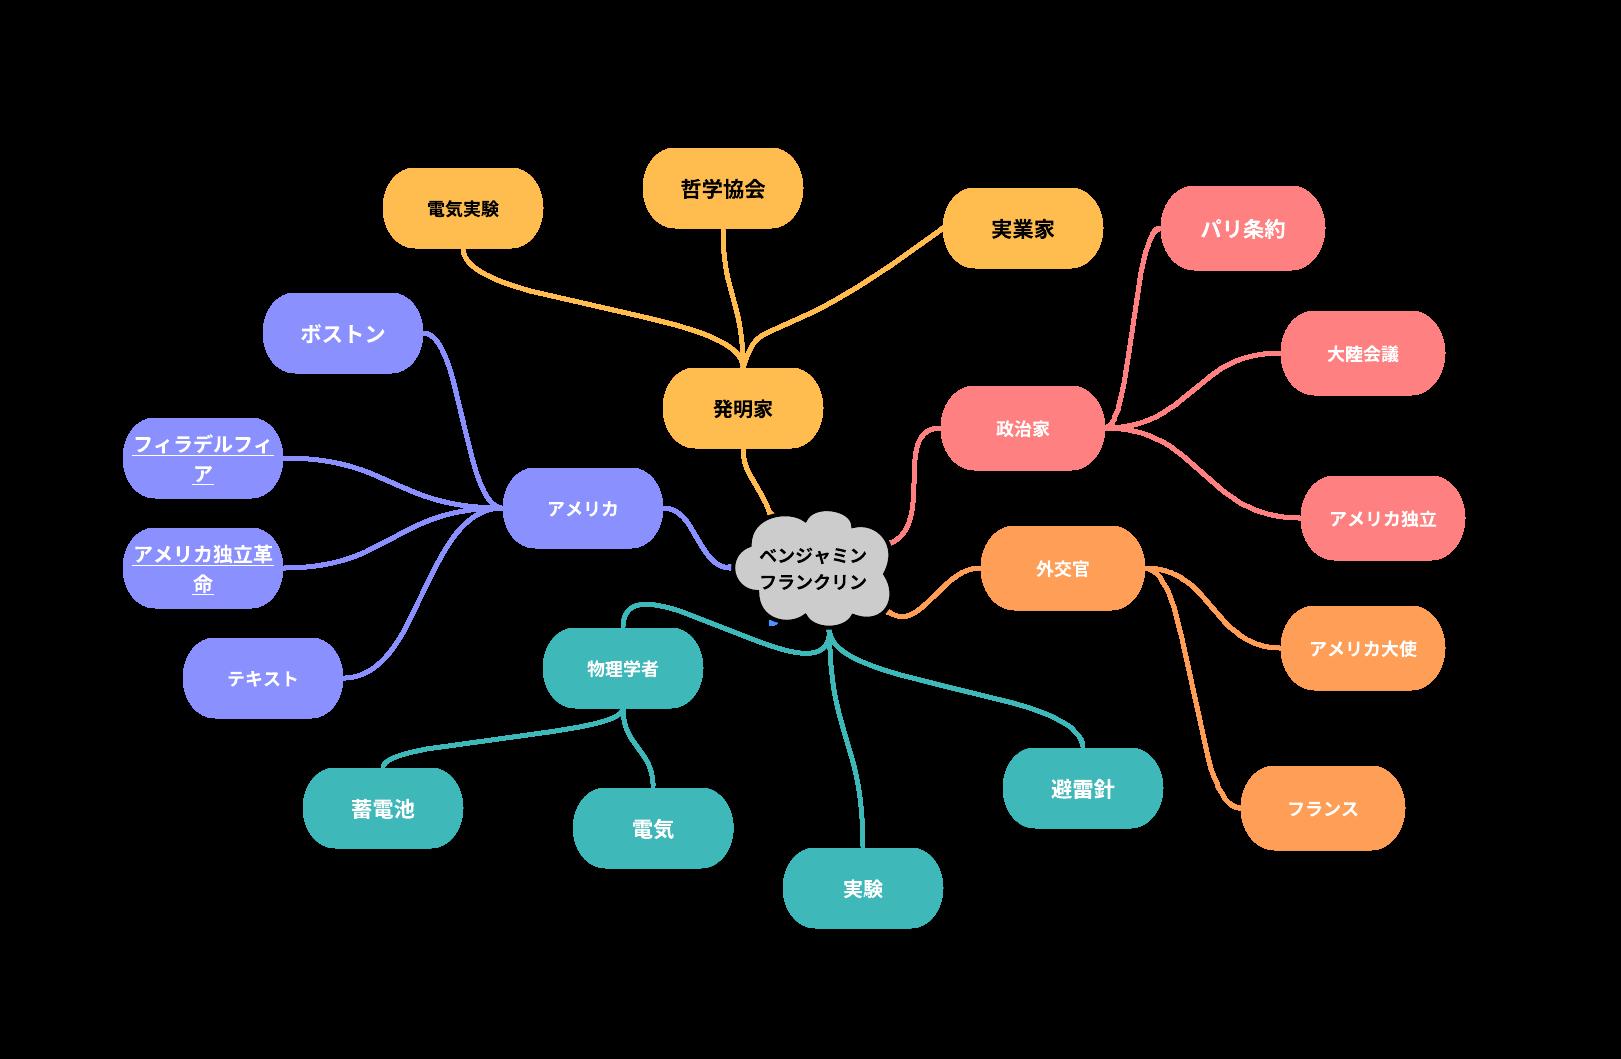 完成したベンジャミン・フランクリンに関するマインドマップ